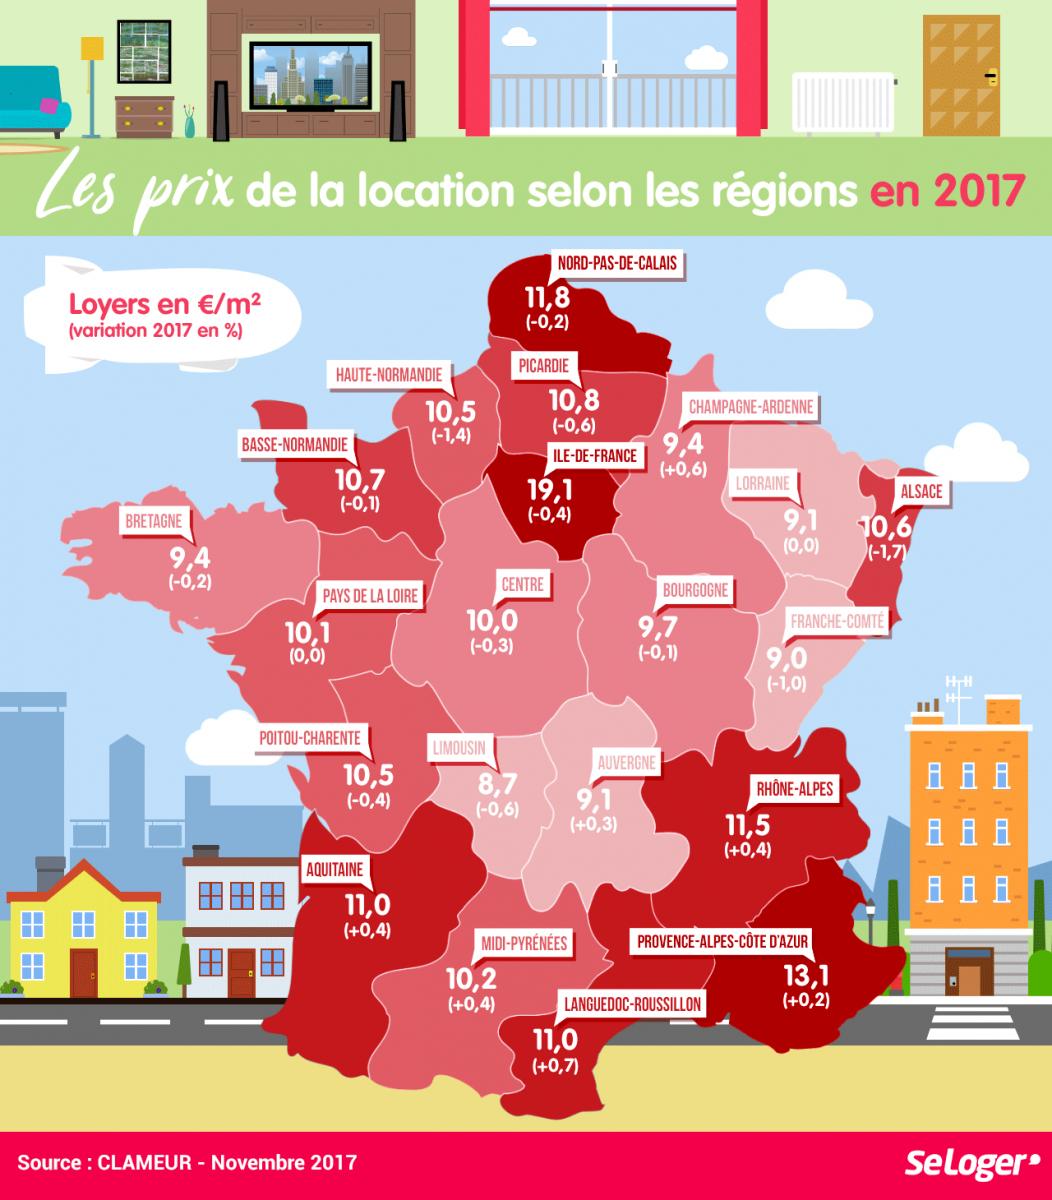 Région Par Région, Les Prix Des Loyers En 2017 destiné Carte Des Départements De France 2017